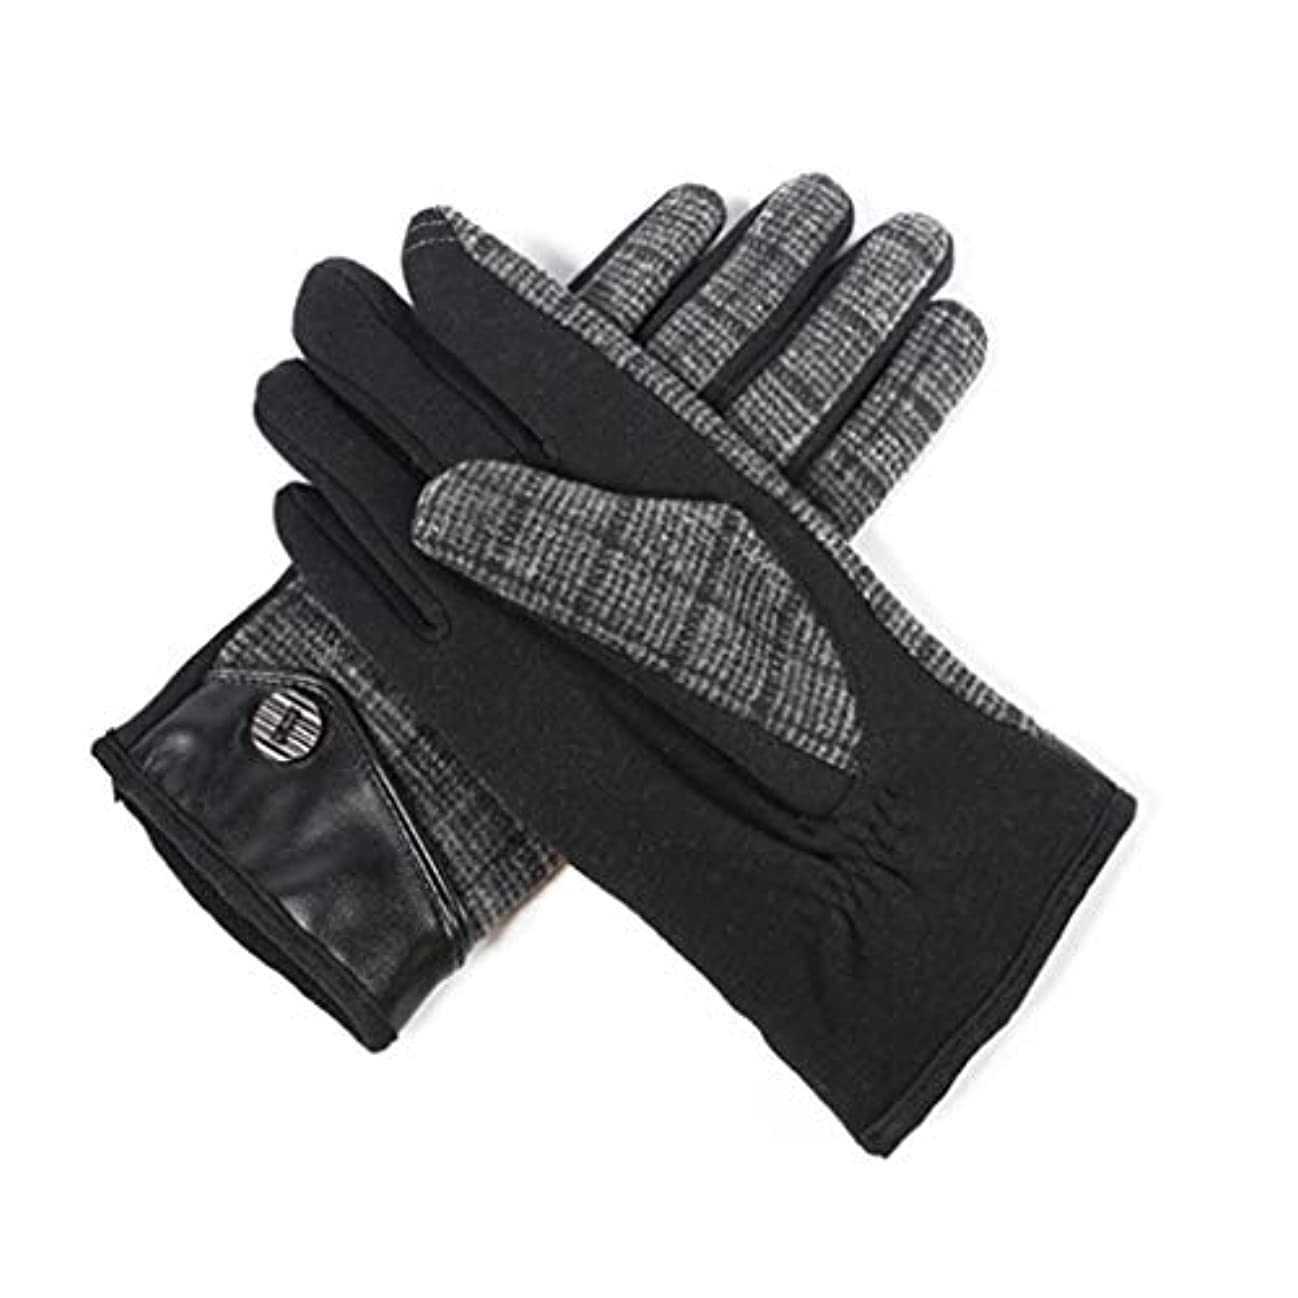 余計な演じるアンビエント暖かいメンズサイクリング用手袋を保つための男性用手袋プラスベルベットの秋冬用手袋